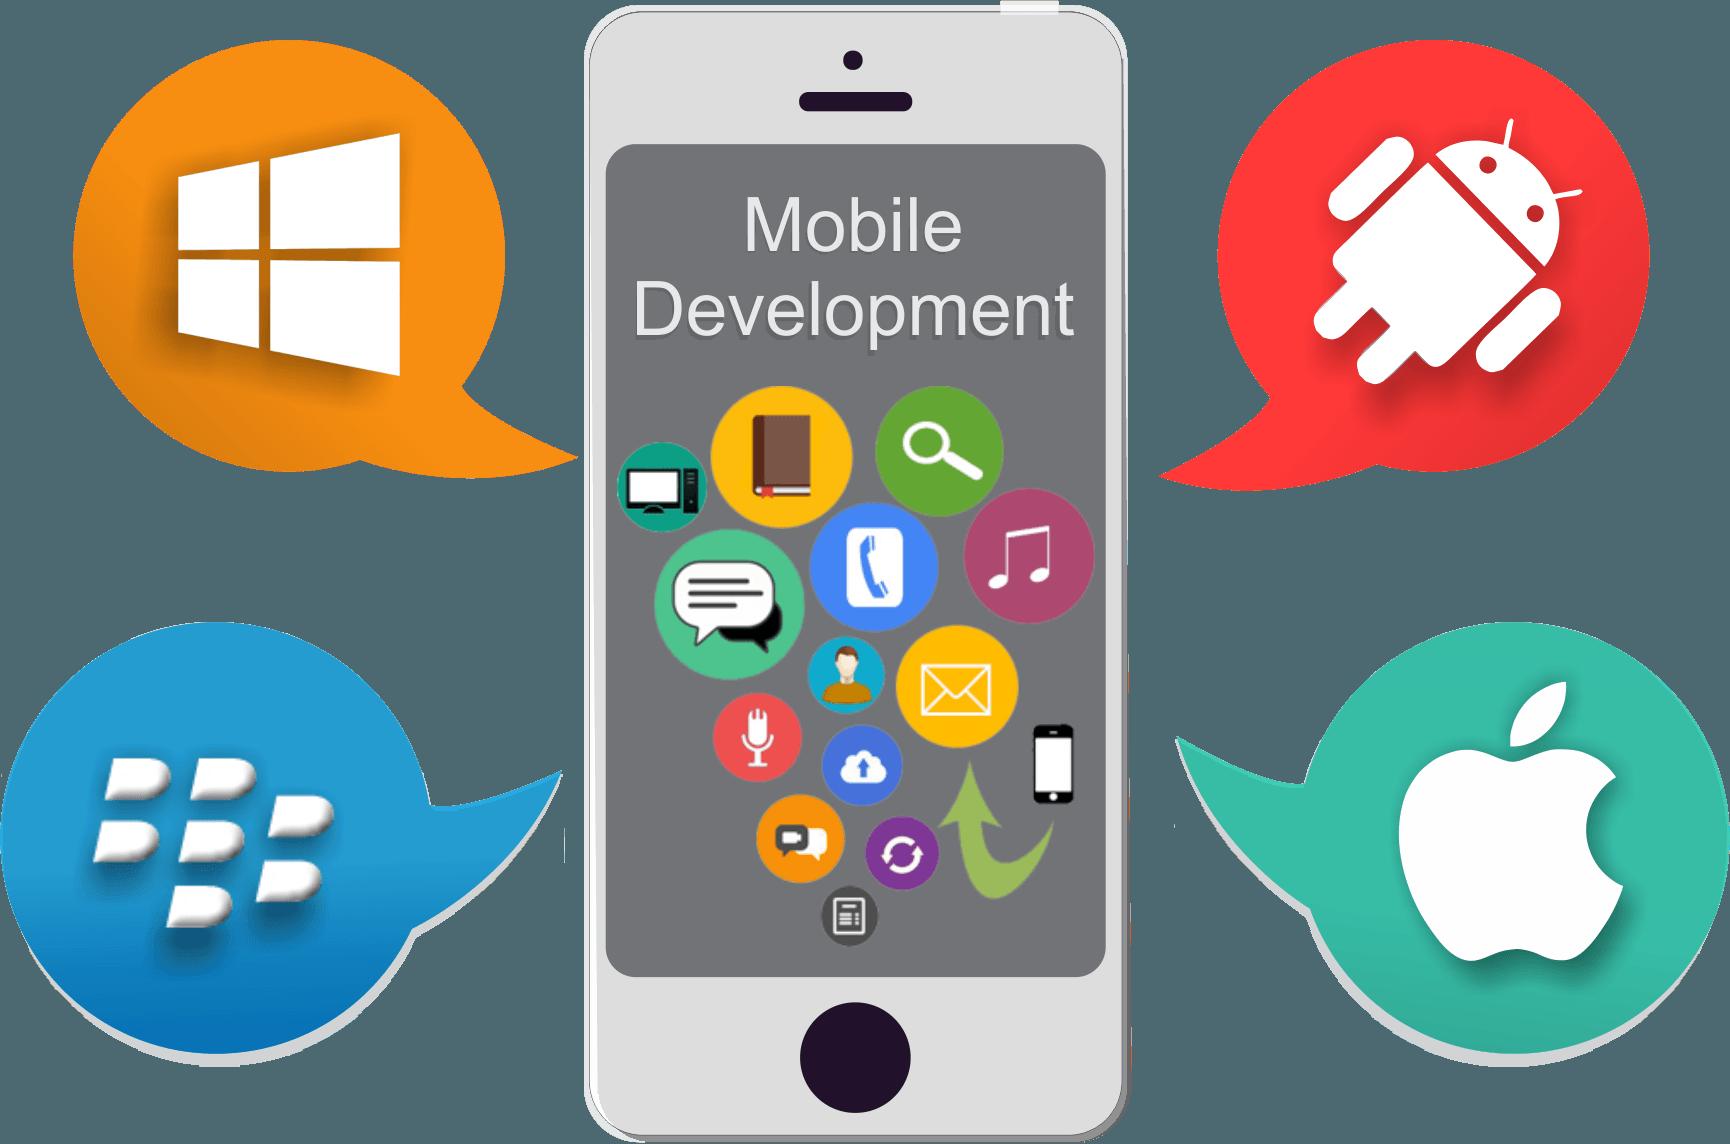 лидер по производству мобильных приложений